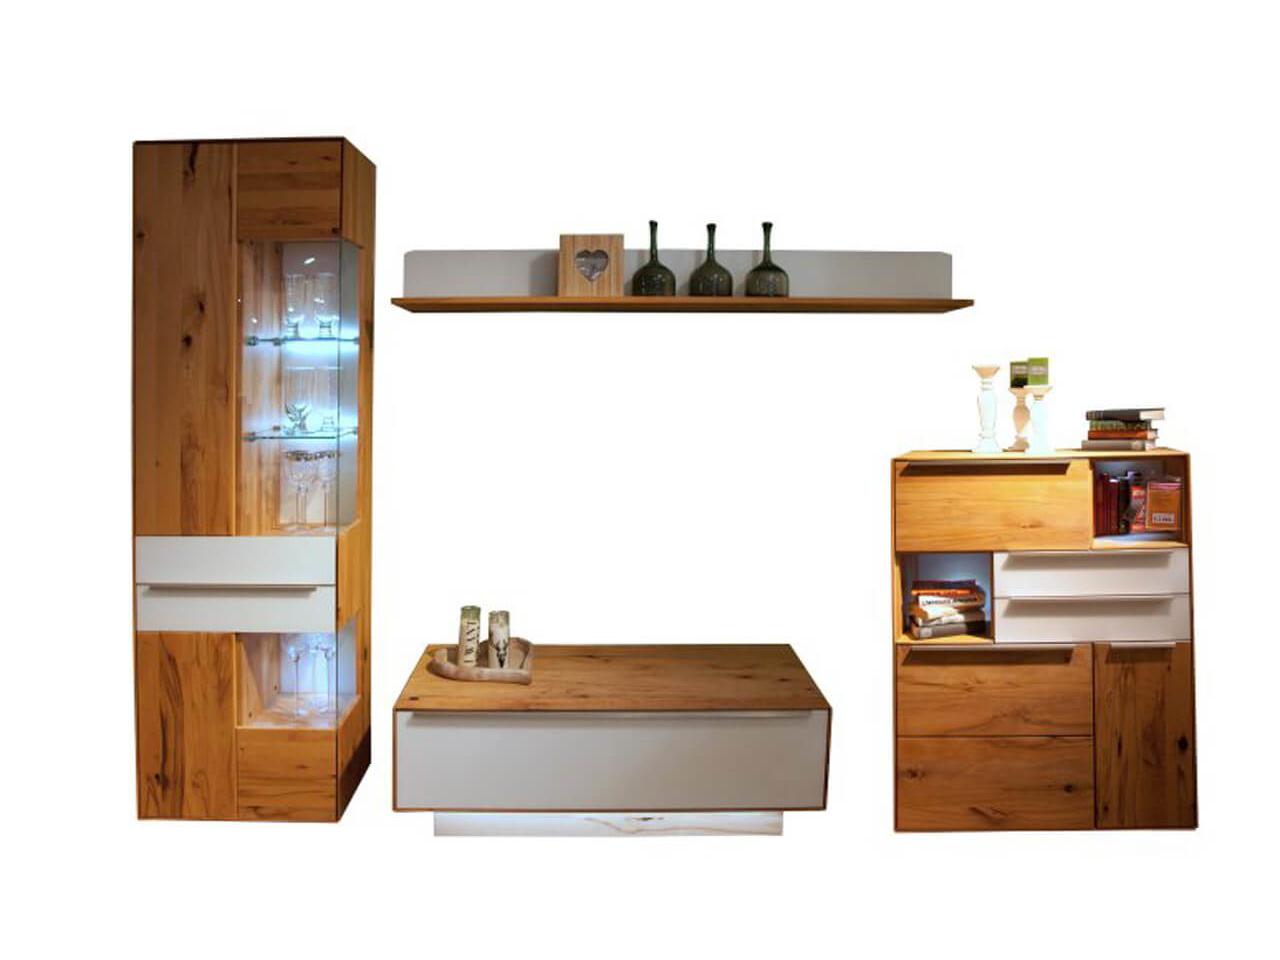 Wohnwand Ramos in Buche massiv mit Absetzungen in Glas weiß, bestehend aus Lowboard, Vitrine, Sideboard und Wandboard - zum Schnäppchenpreis im Abverkauf